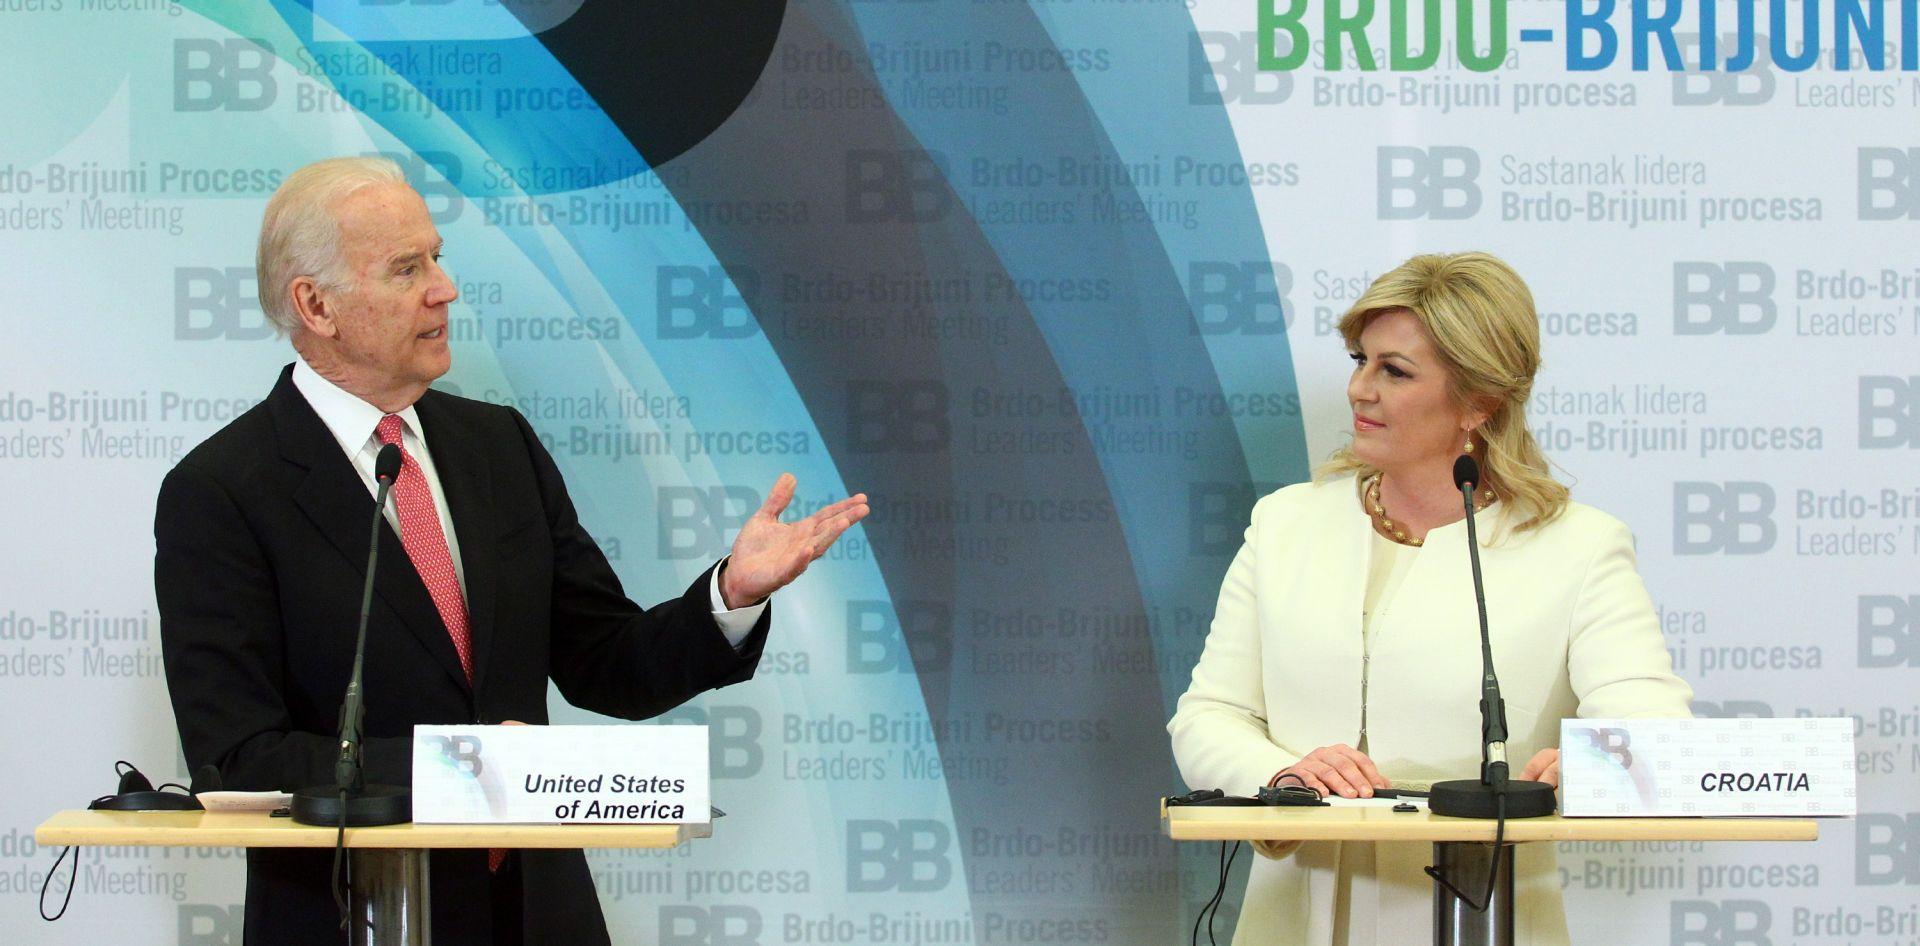 """SUMMIT JIE: BIDEN """"Cjelovita i mirna Europa nemoguća bez svojega jugoistoka"""""""